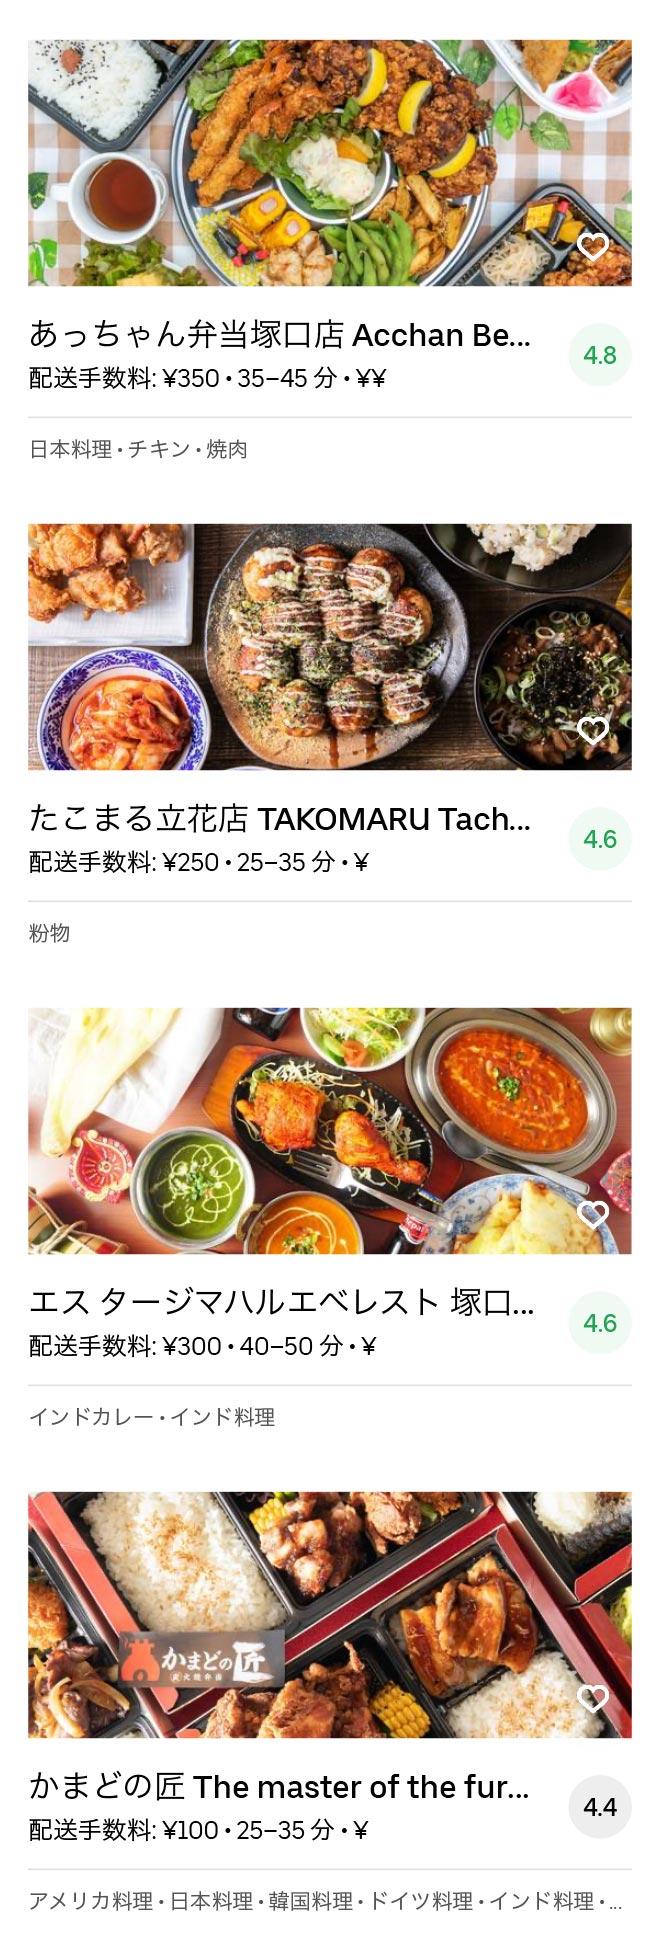 Nishinomiya koshien menu 2005 12